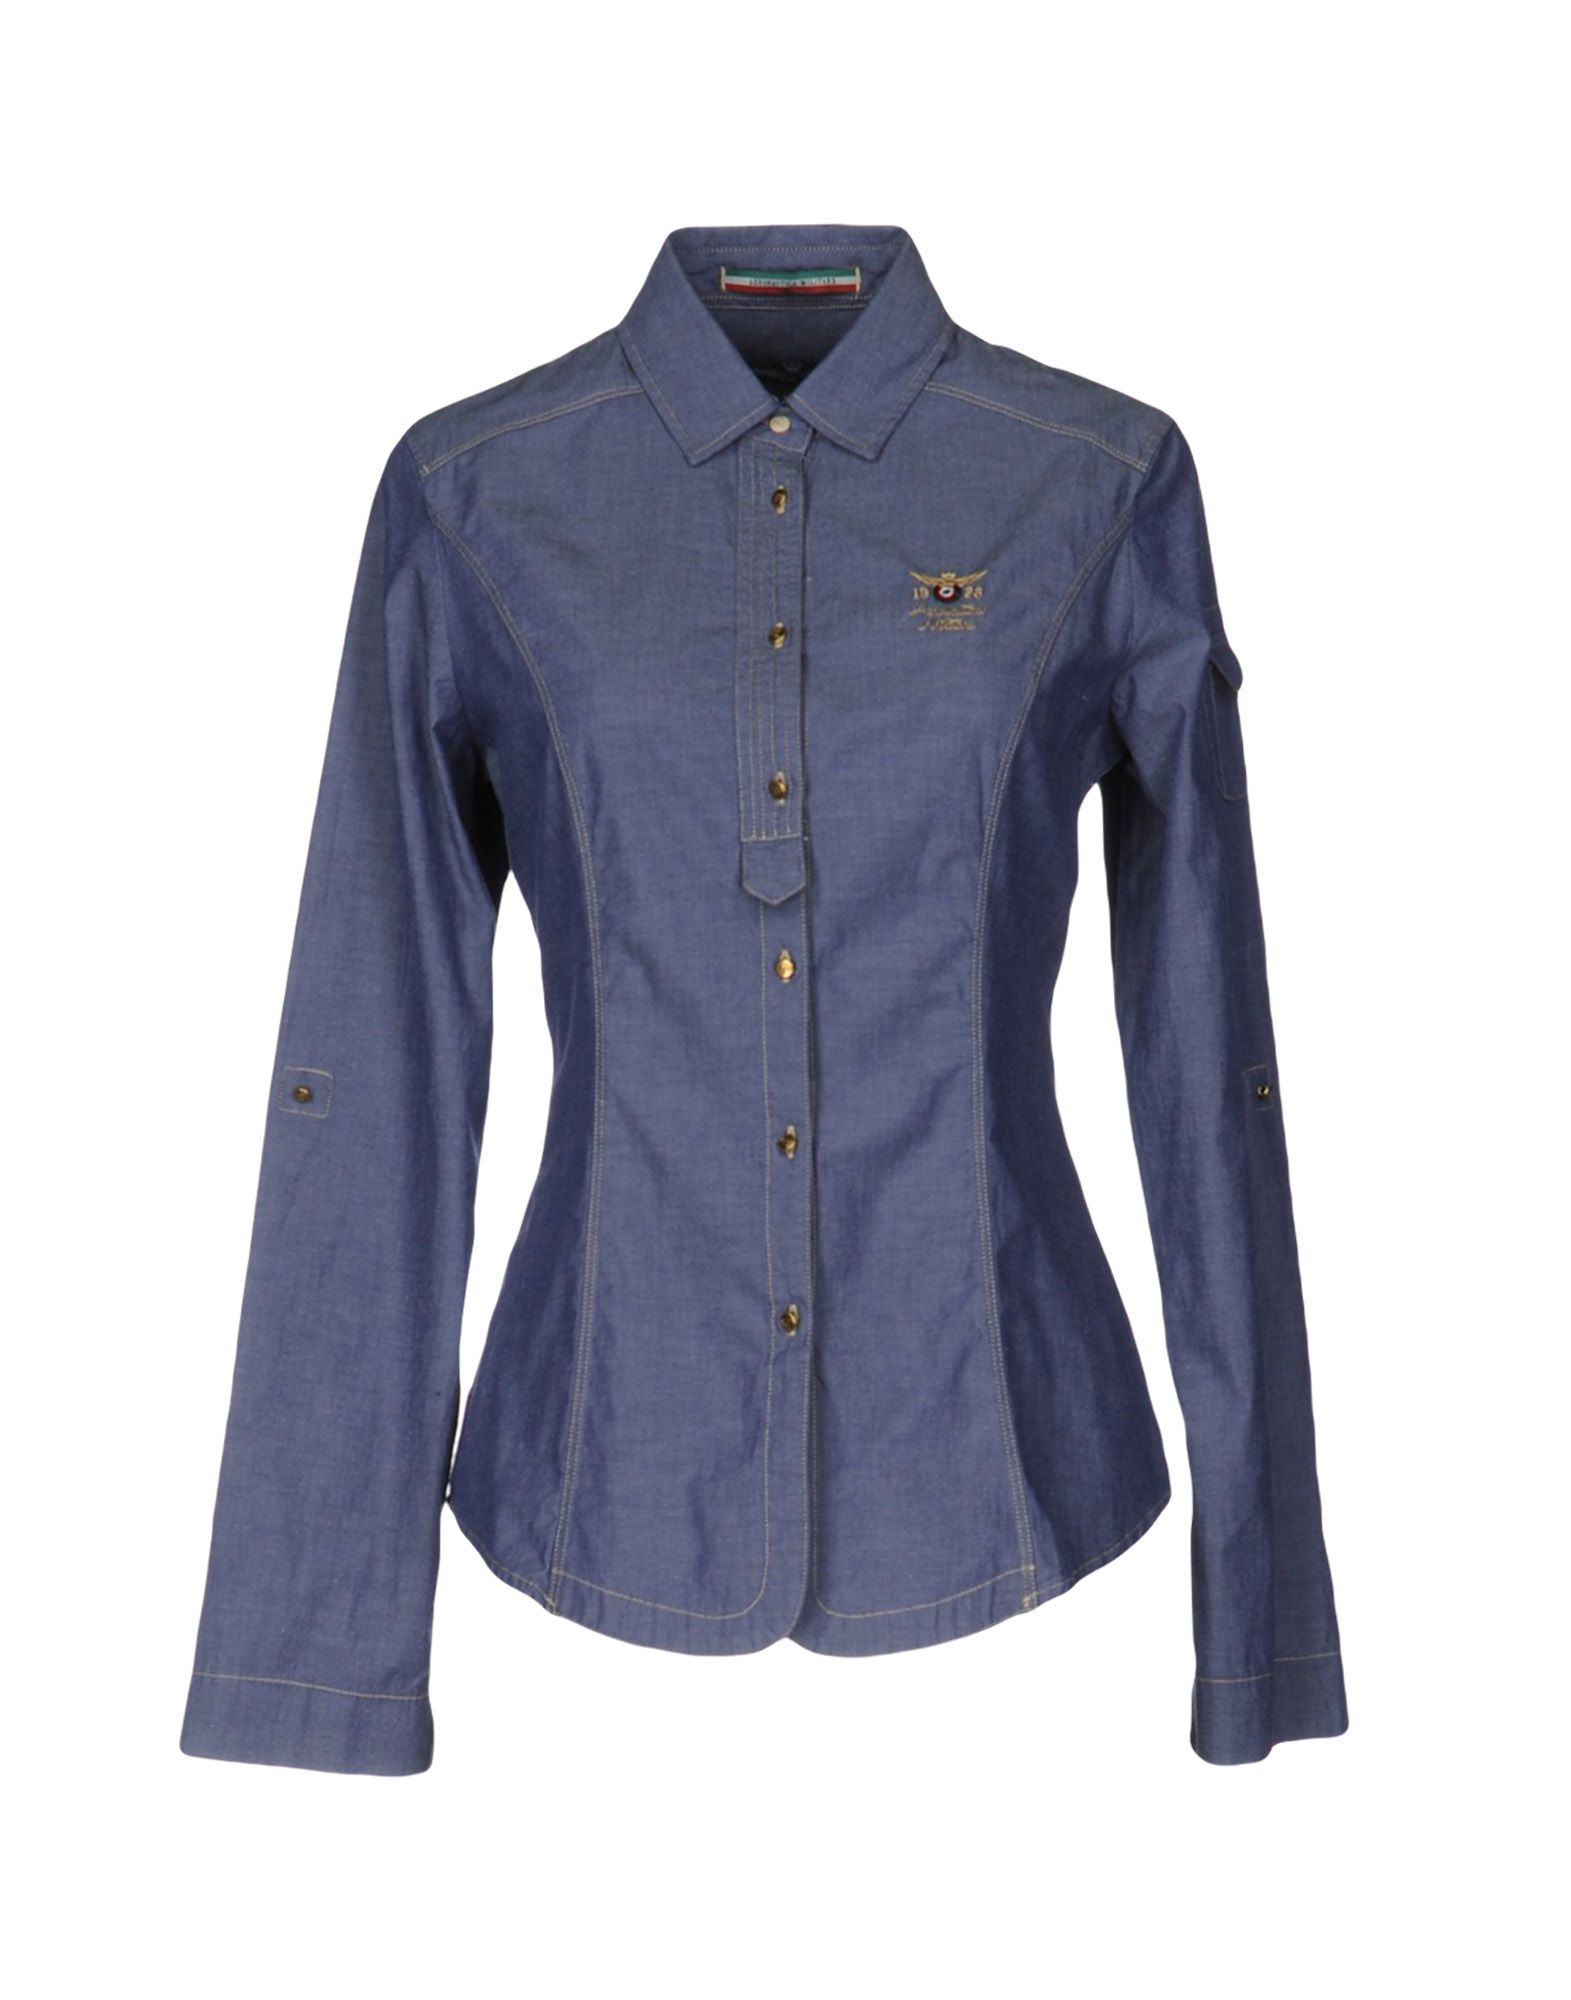 AERONAUTICA MILITARE Джинсовая рубашка джинсовая рубашка quelle arizona 610860